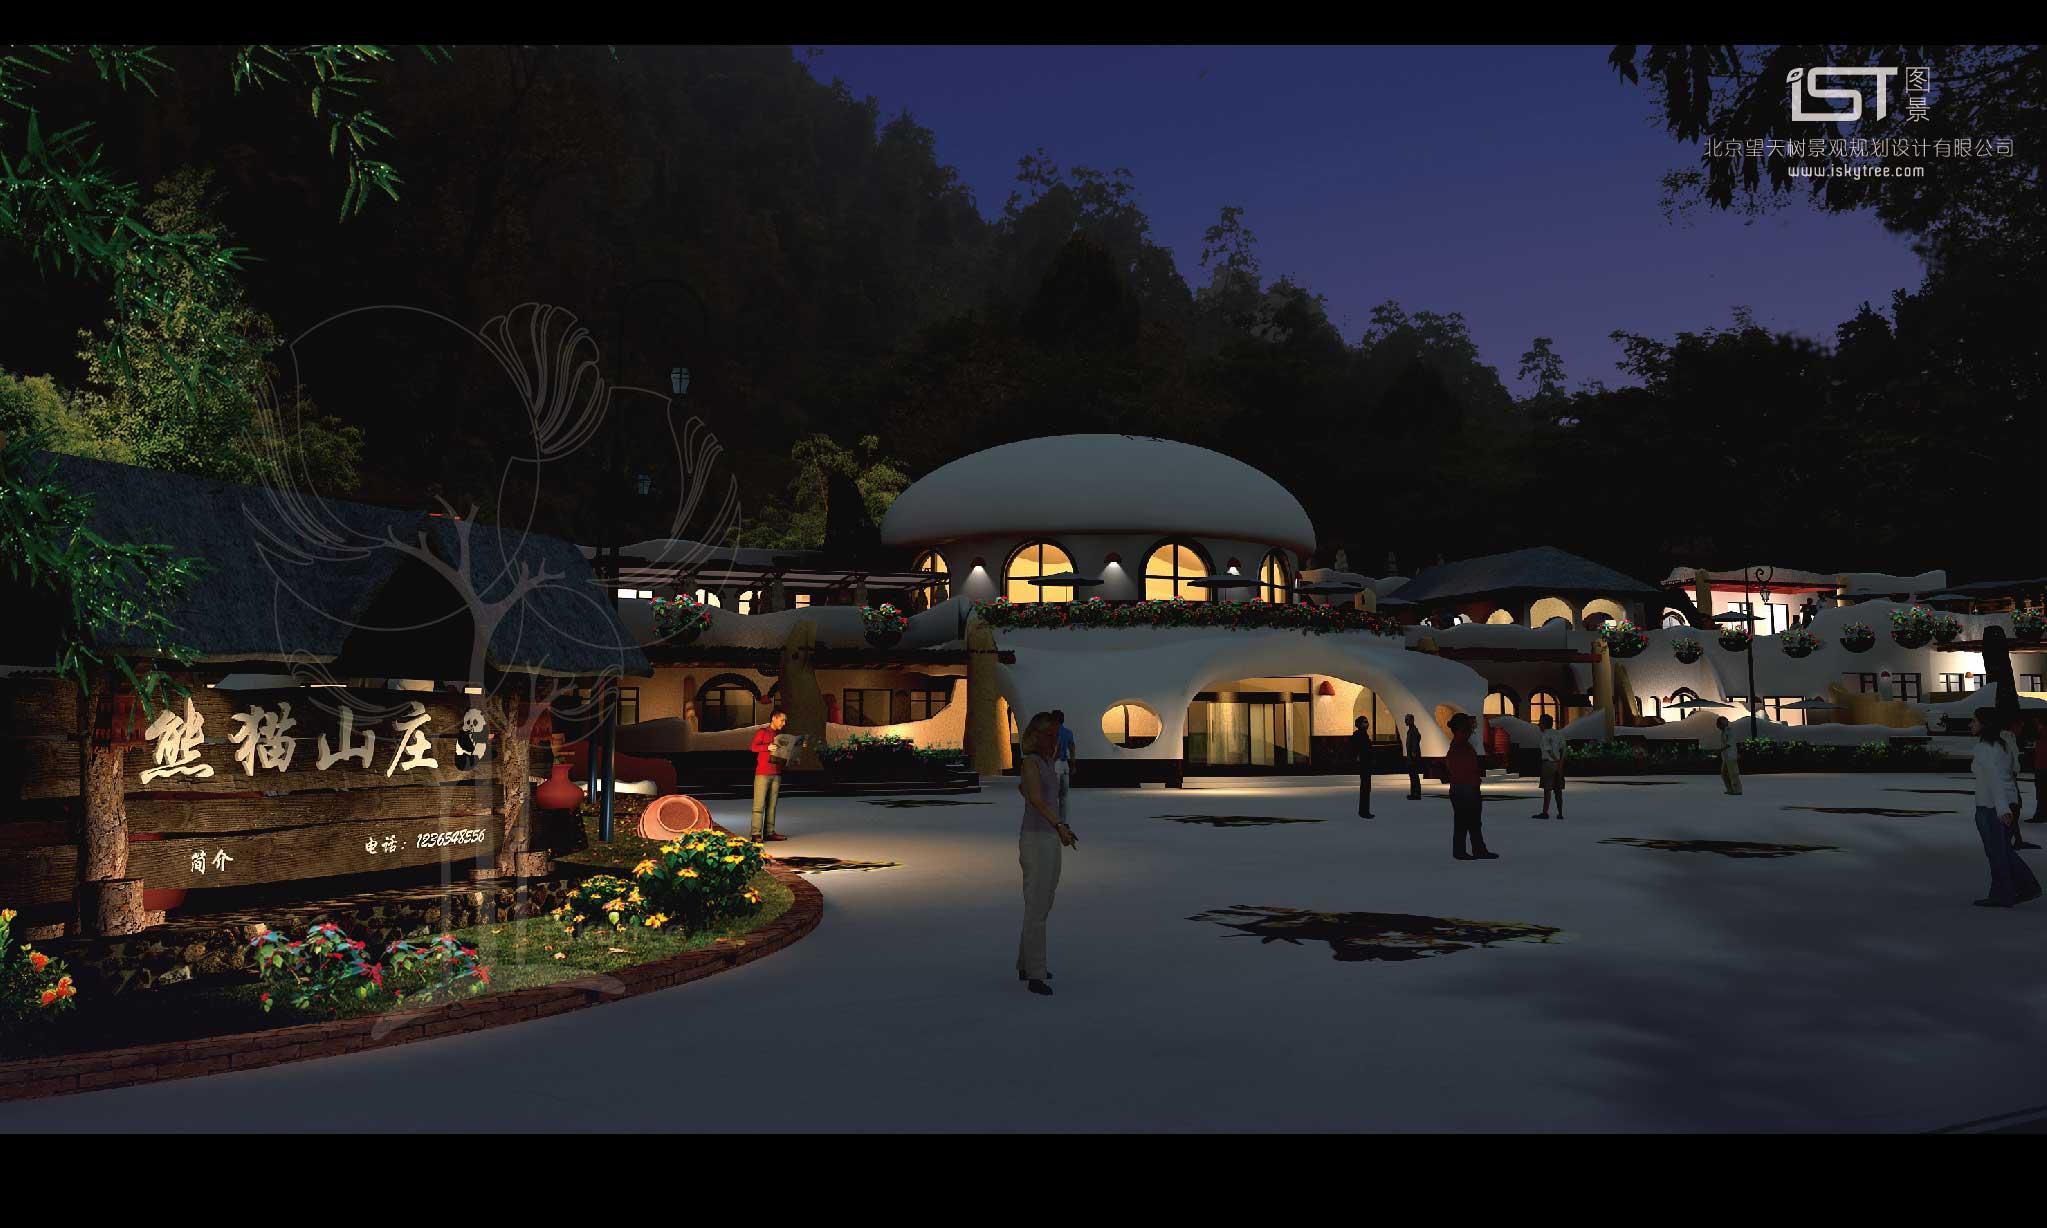 熊猫山庄主题酒店建筑设计方案夜景效果表现